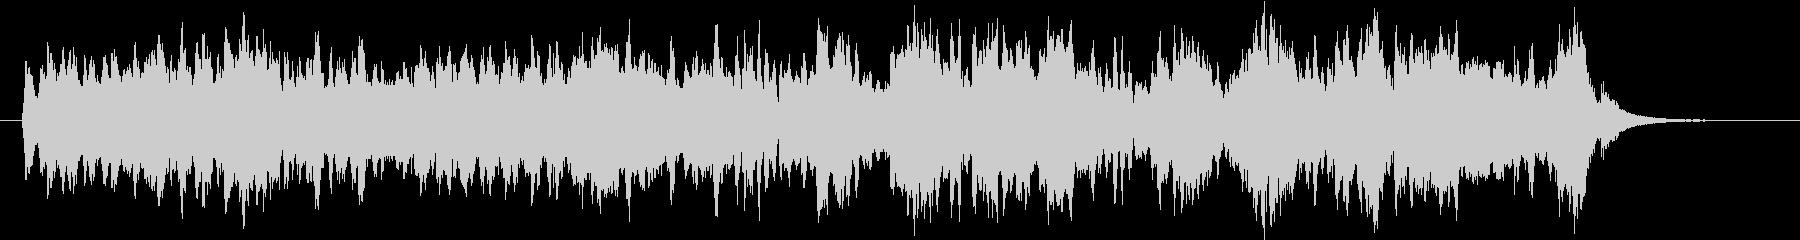 空中庭園(優雅・ソフト)【オーケストラ】の未再生の波形